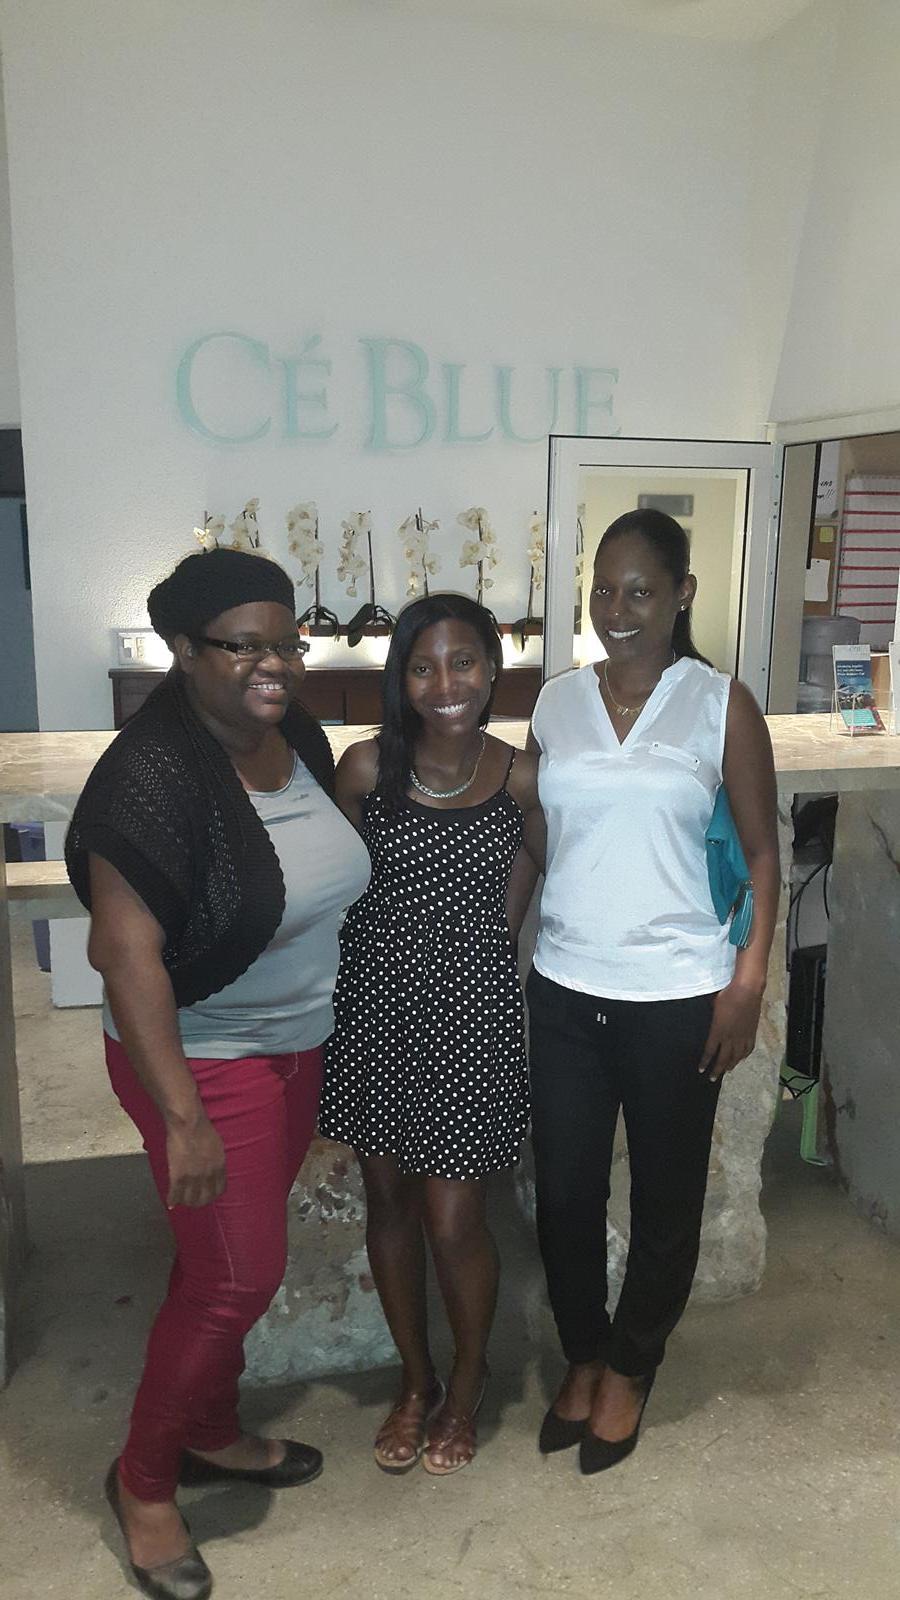 Sherma, Shauna and Shelly at CeBlue